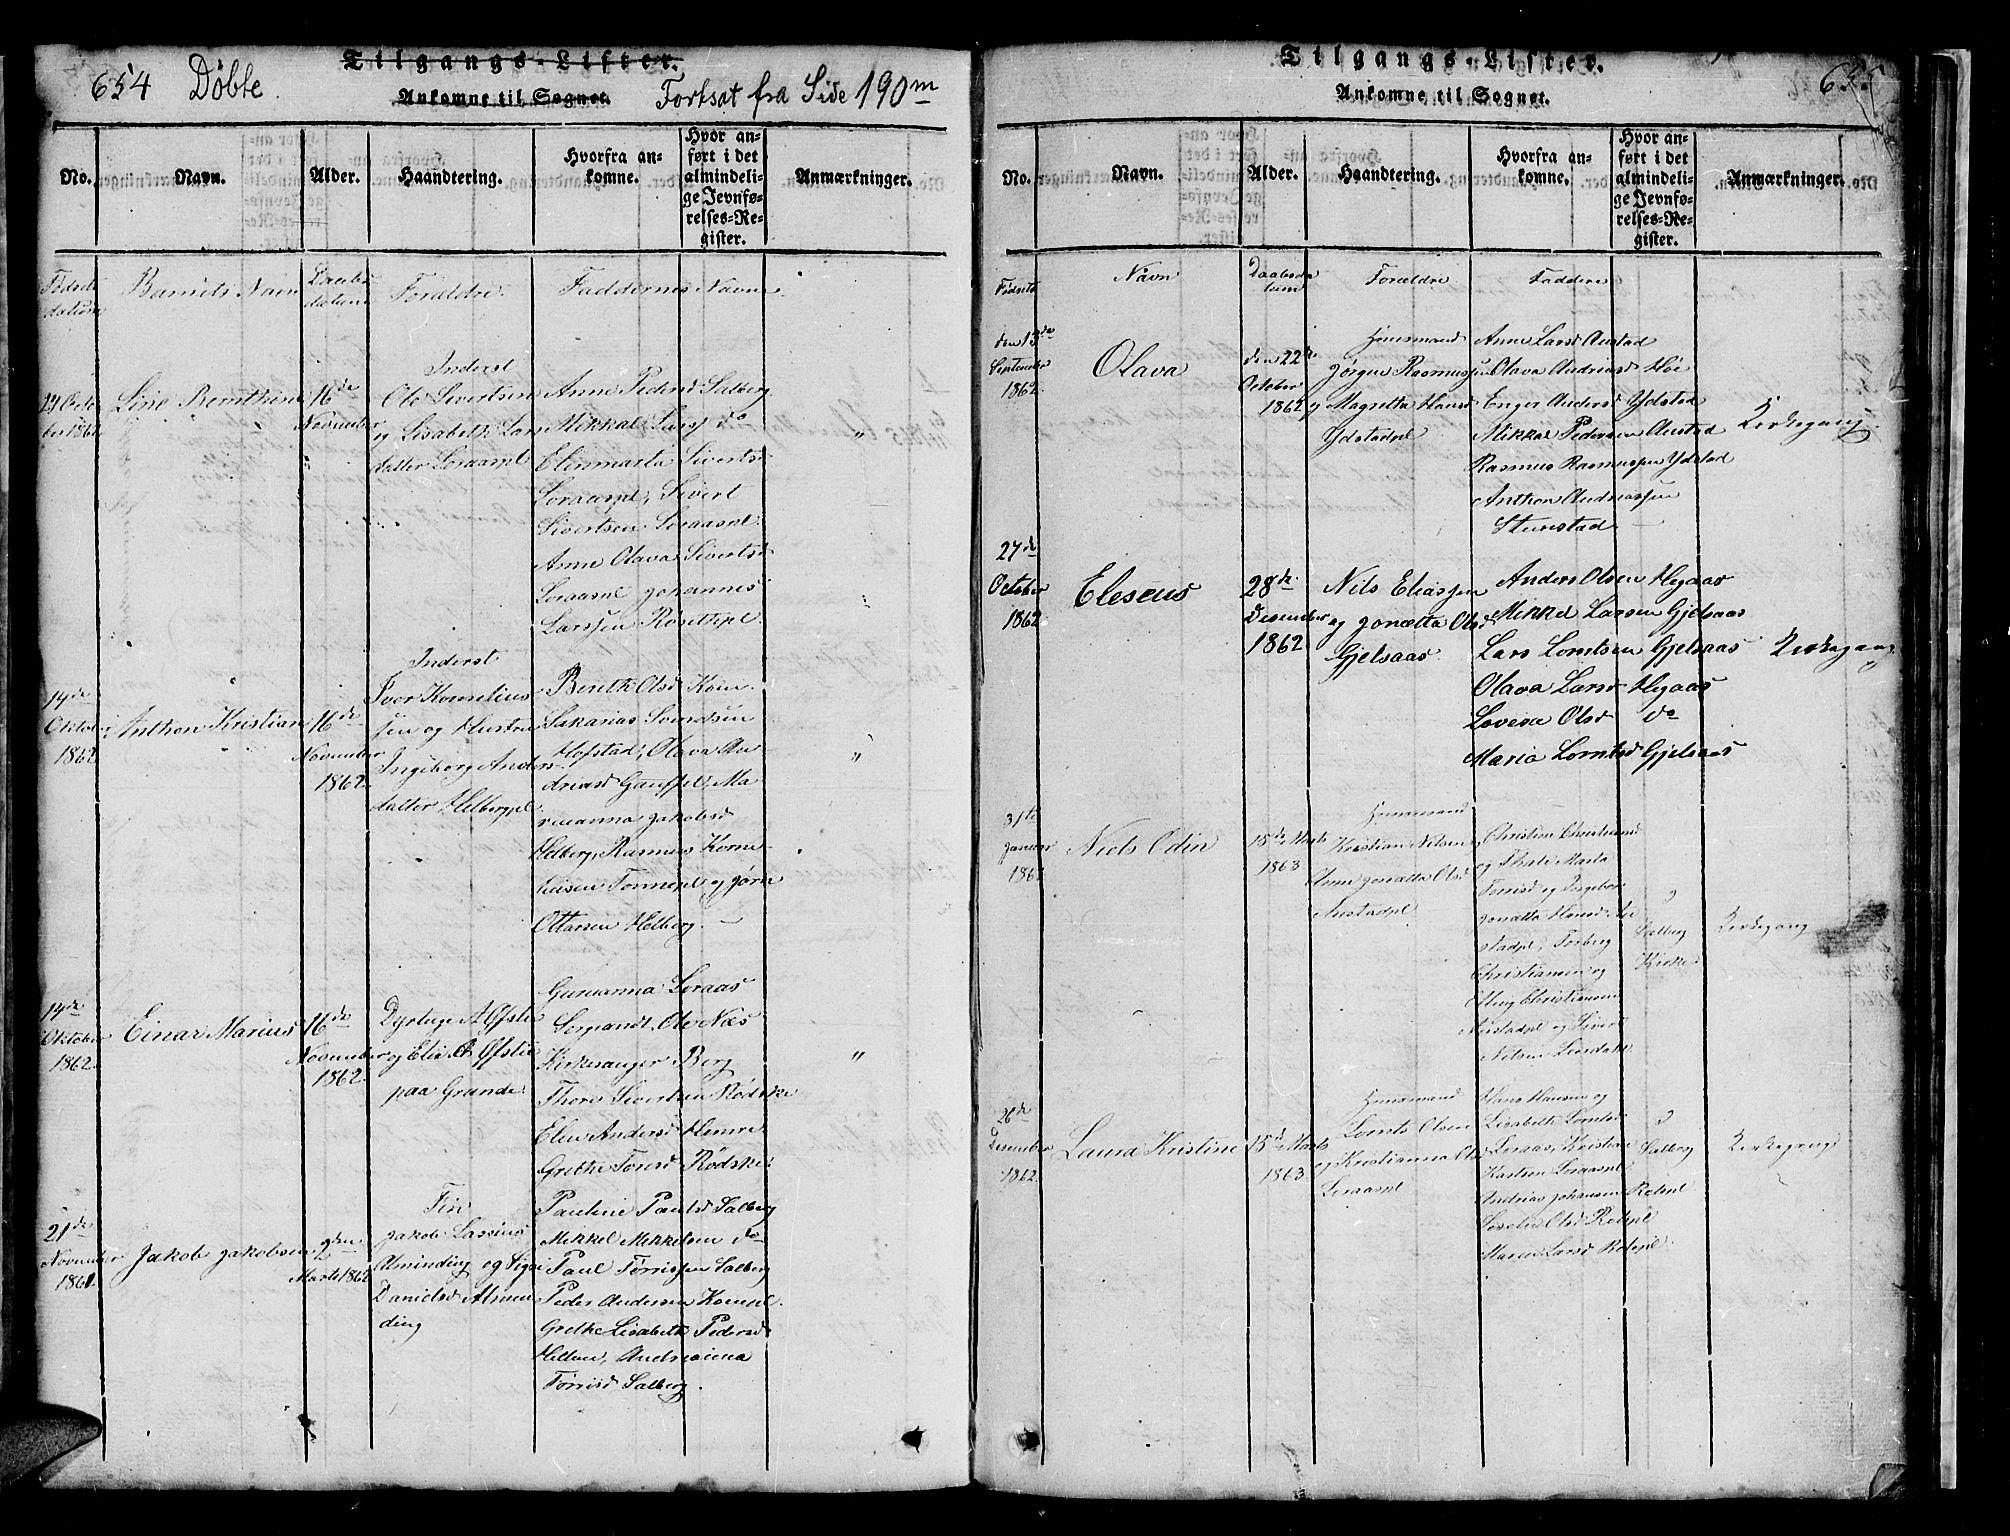 SAT, Ministerialprotokoller, klokkerbøker og fødselsregistre - Nord-Trøndelag, 731/L0310: Klokkerbok nr. 731C01, 1816-1874, s. 654-655